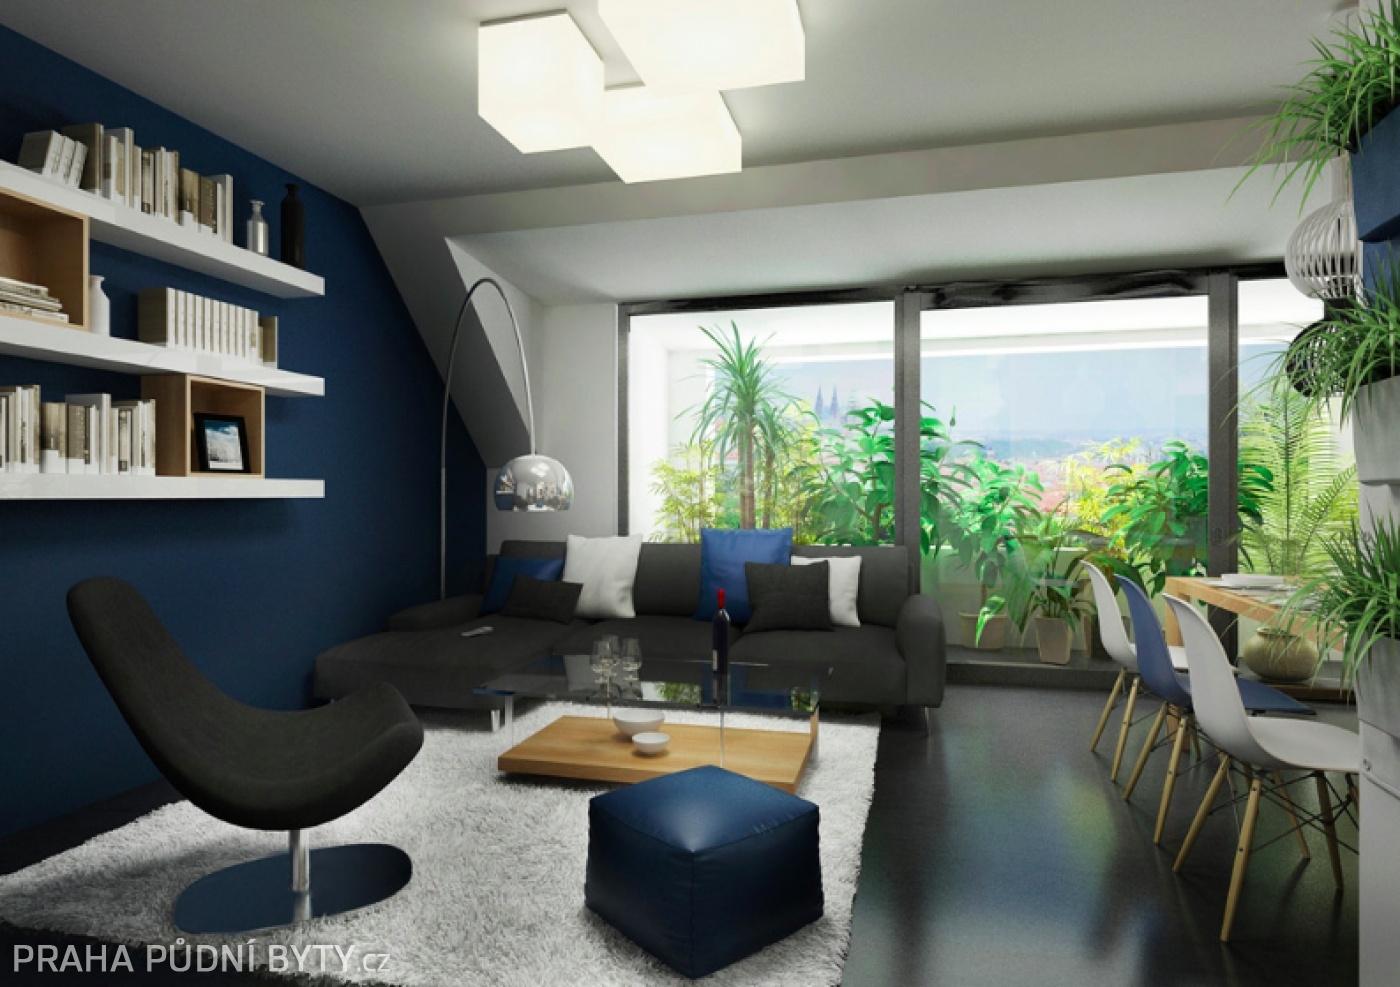 Půdní byt 3+kk, plocha 118 m², ulice Nad Závěrkou, Praha 6 - Břevnov   3